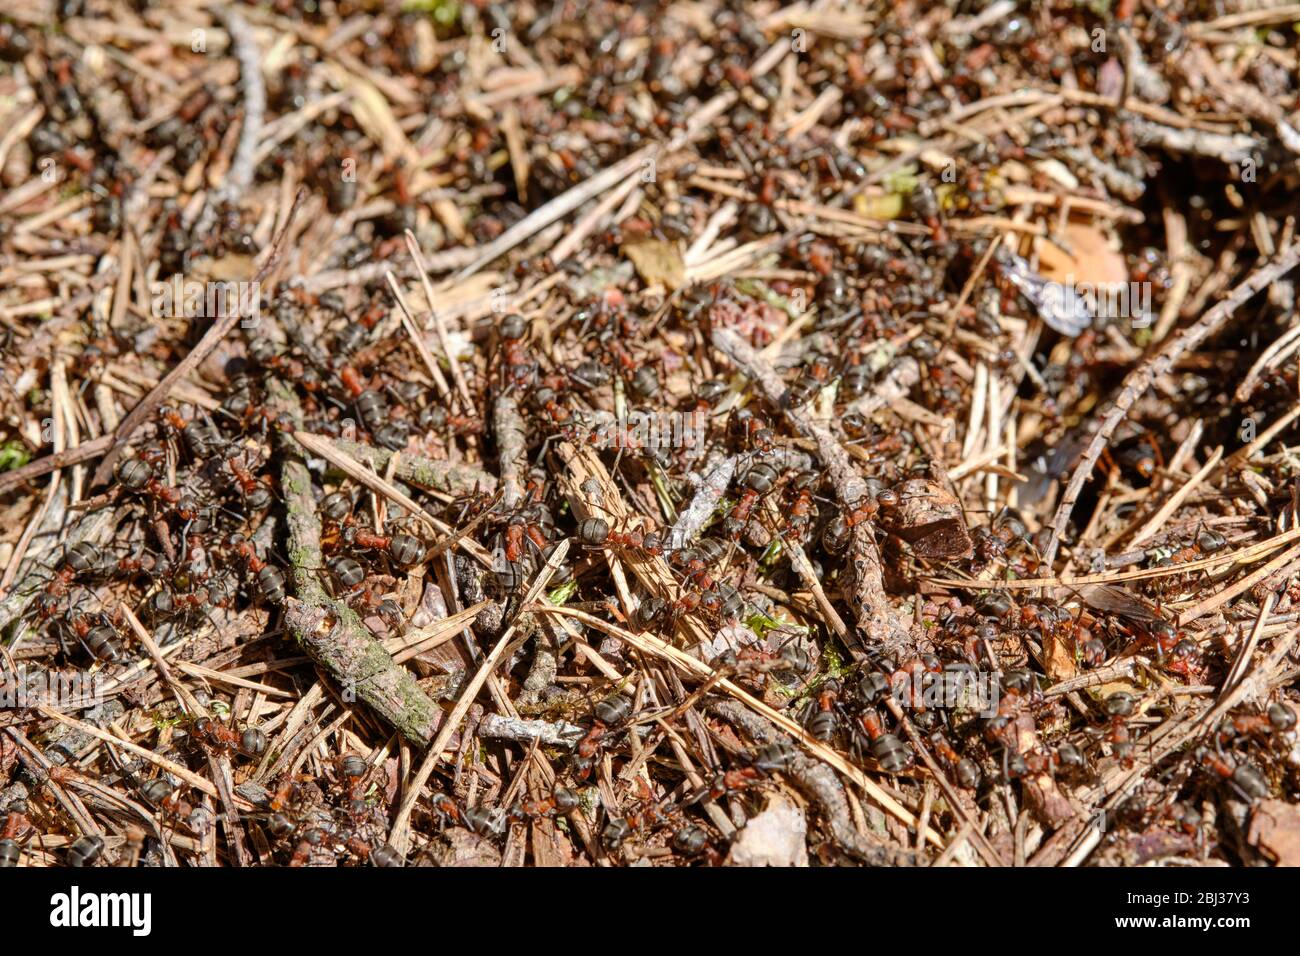 Cierre de un hormiguero en el bosque con muchas hormigas rojas de madera arrastrándose sobre él. Visto en un soleado día de primavera en el bosque de Baviera, Alemania Foto de stock